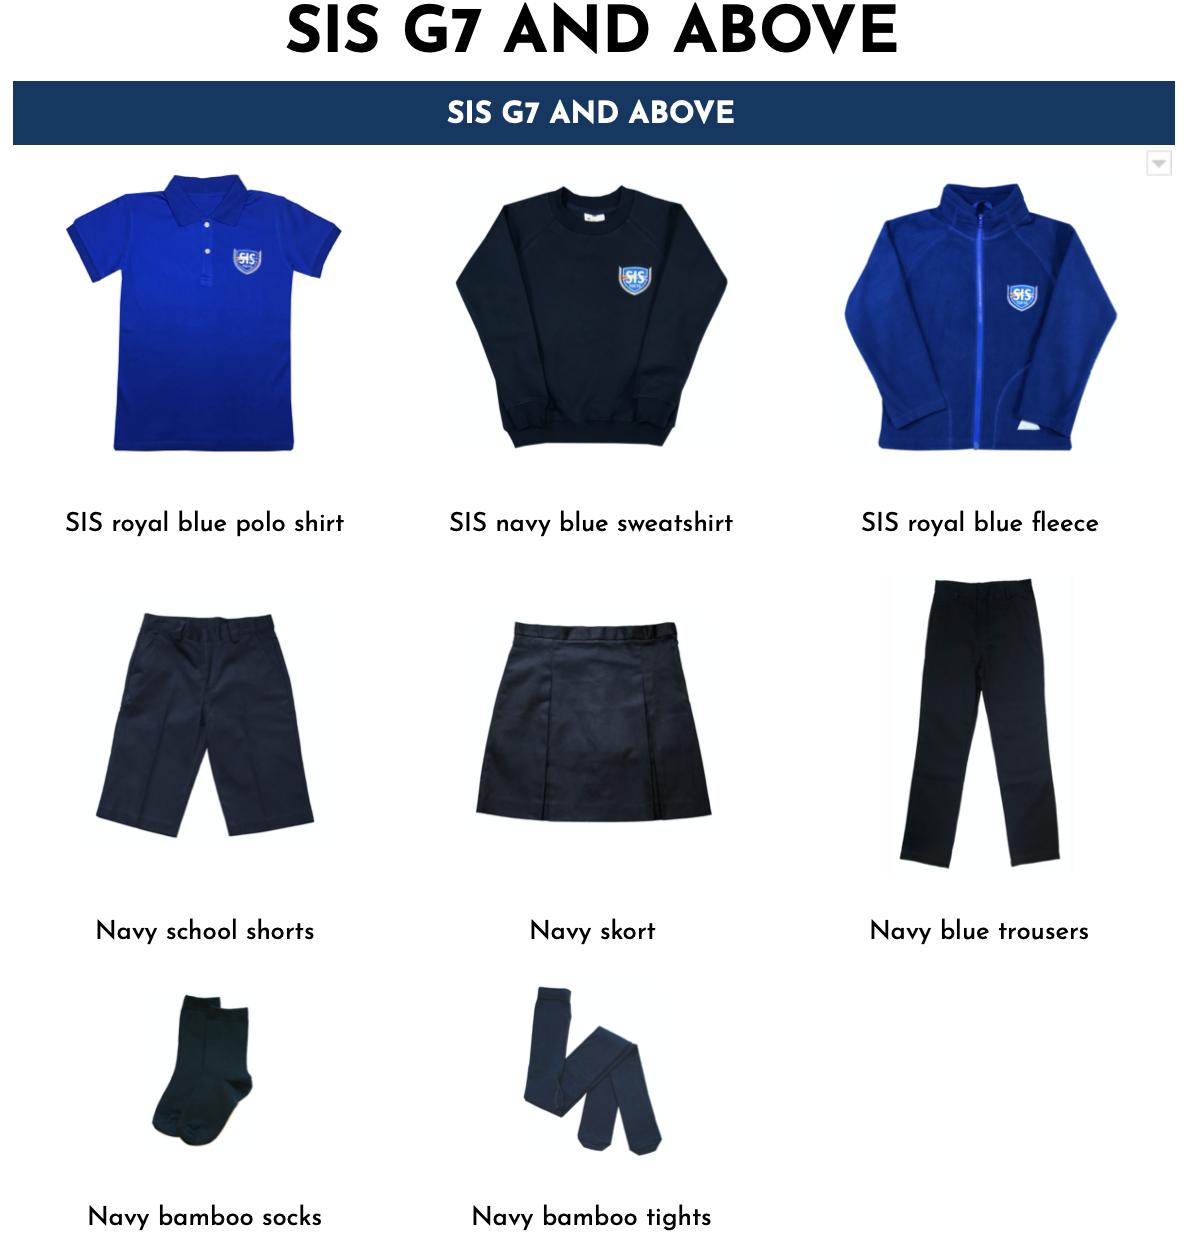 sis-uniform-guide-2021-2a.png